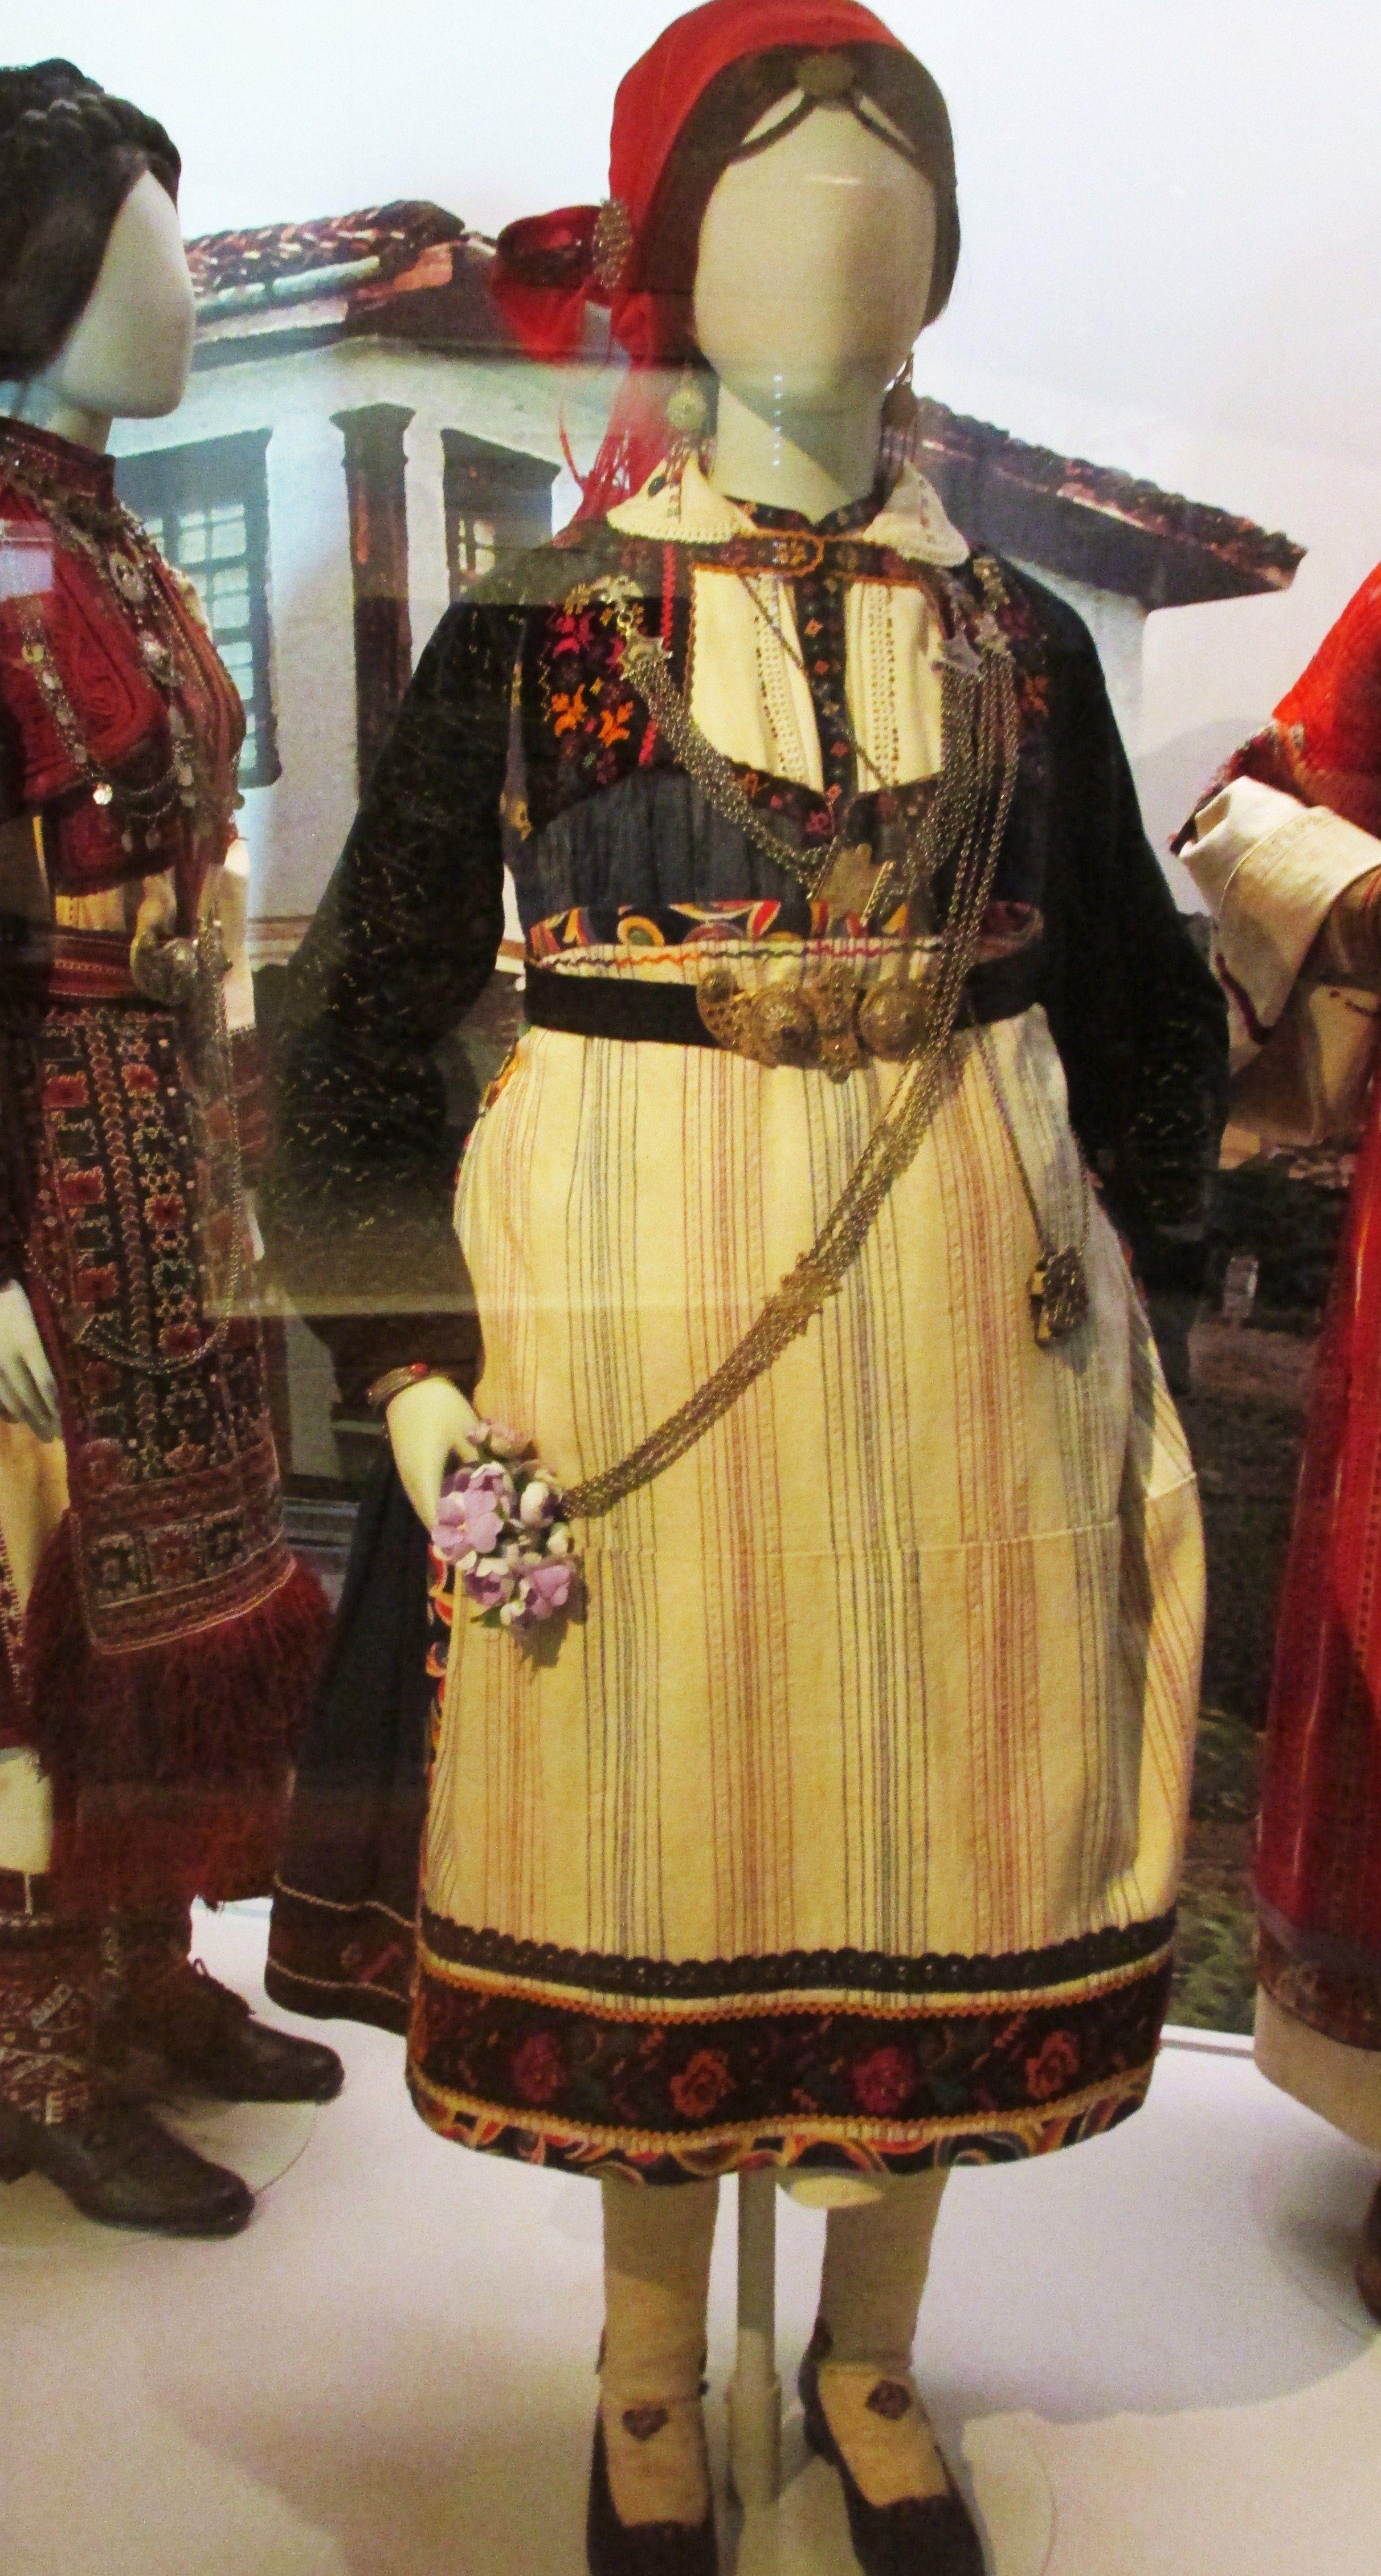 6d5db512a6b1 Θερινή ενδυμασία παντρεμένης απο τον Κρόκο Κοζάνης. (Λαογραφικό και  Εθνολογικό Μουσείο Μακεδονίας - Θράκης)